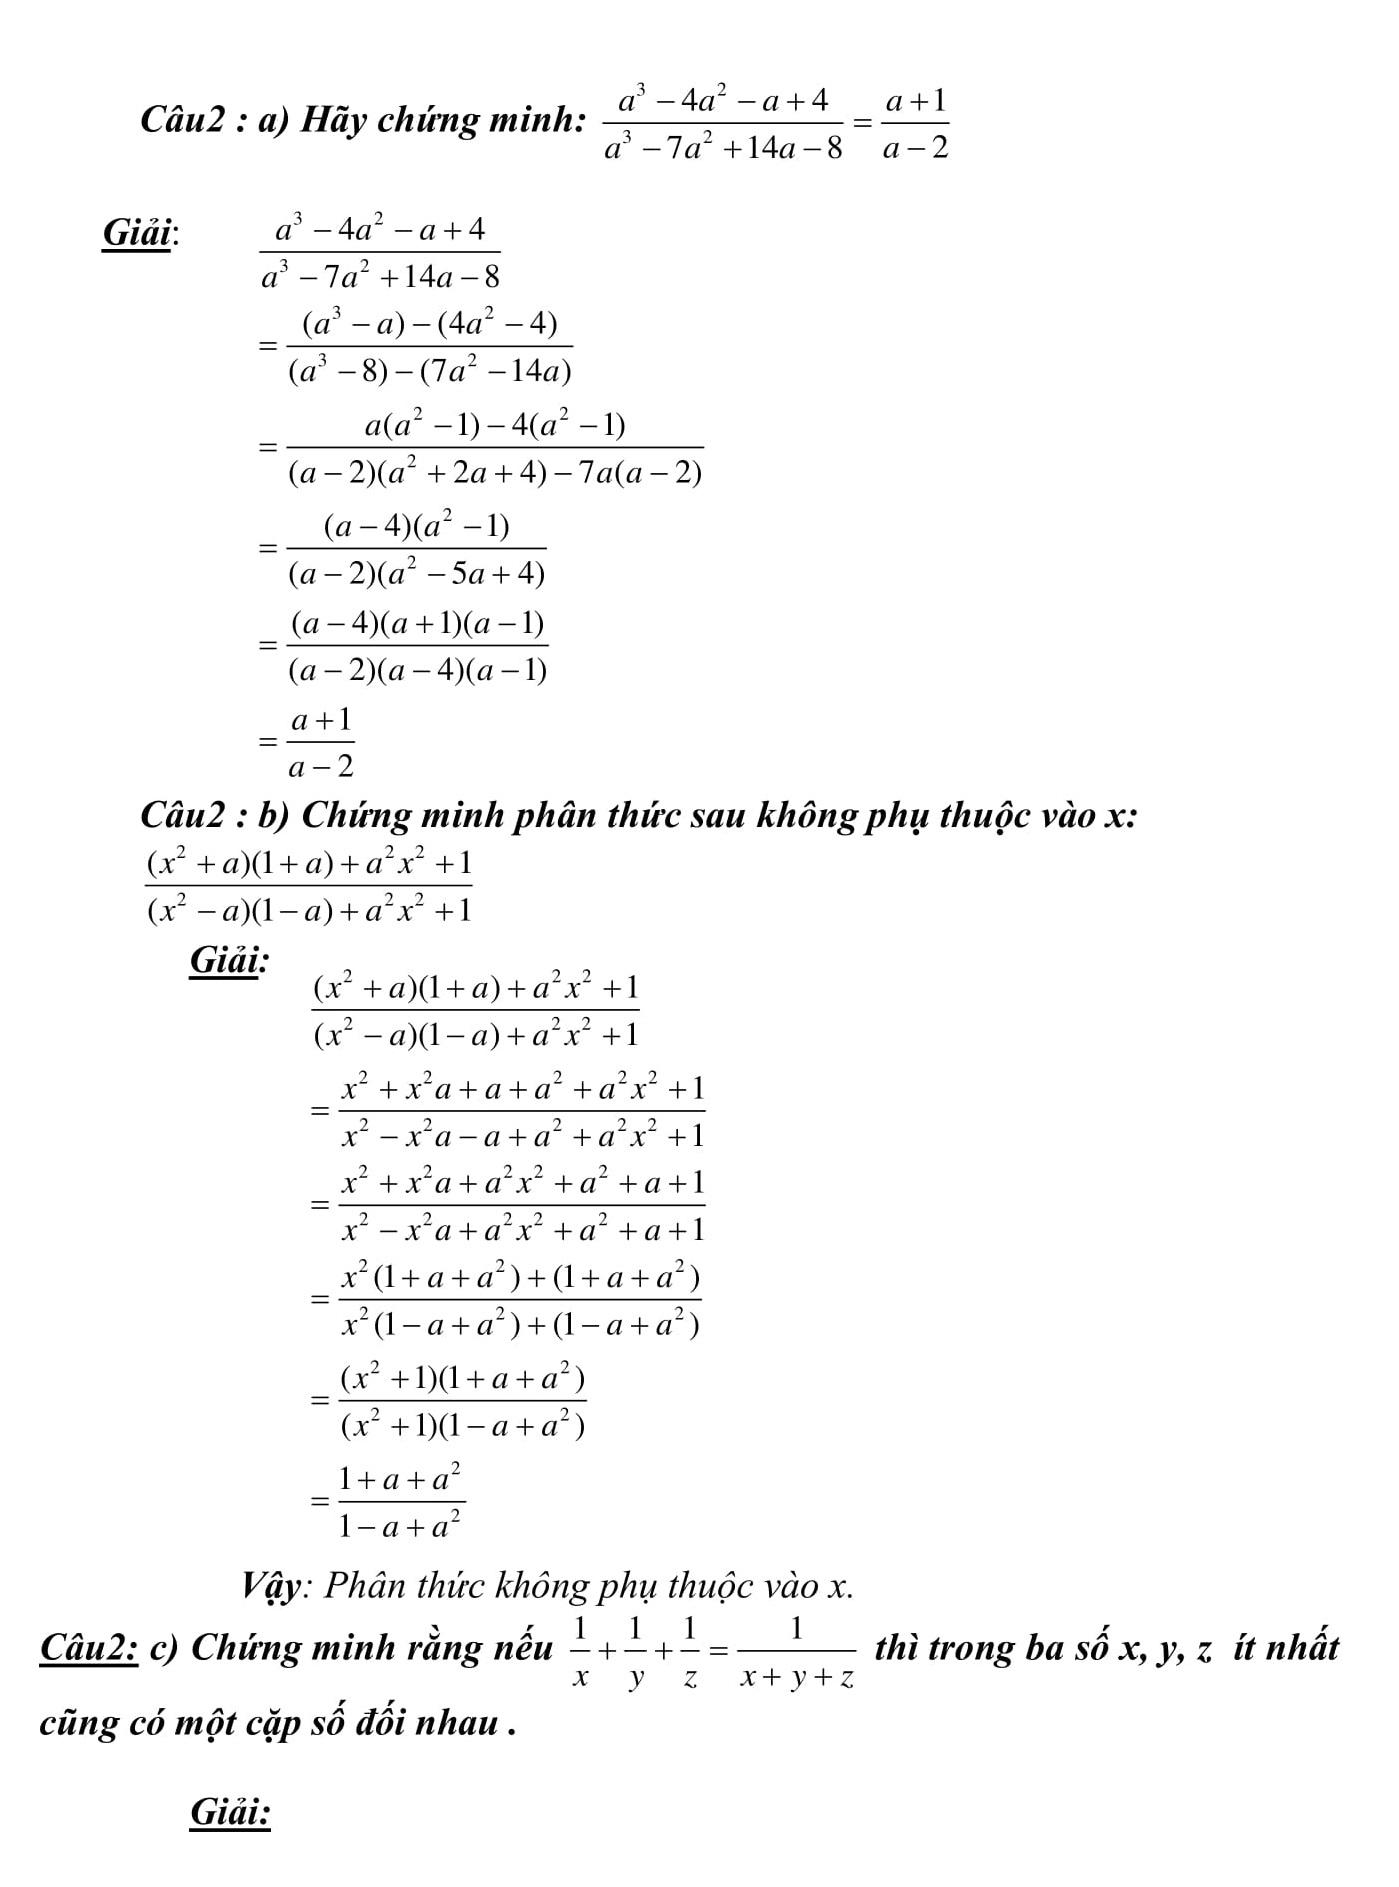 Chuyên đề 1: Rút gọn biểu thức bài tập và chứng minh